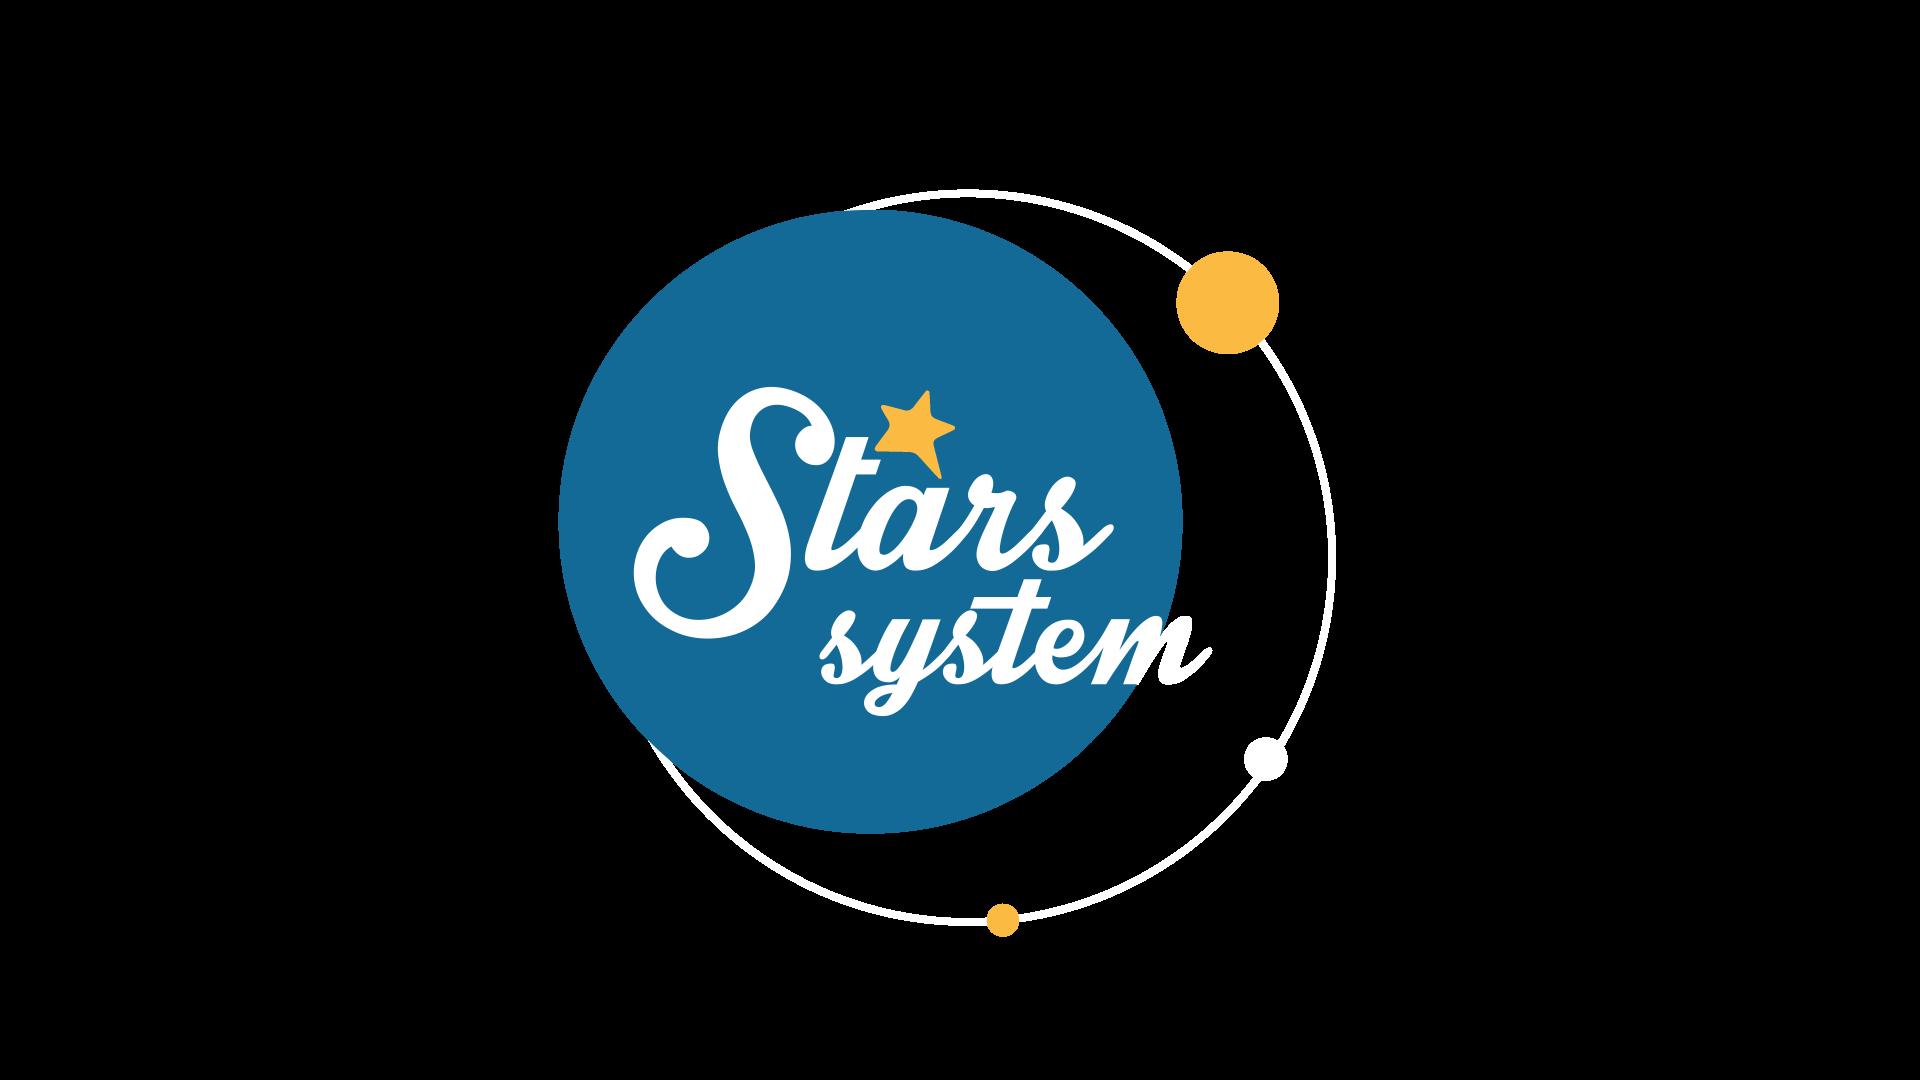 λογότυπο του Stars System Άση Μπήλιου που κάνει πρεμιέρα STAR